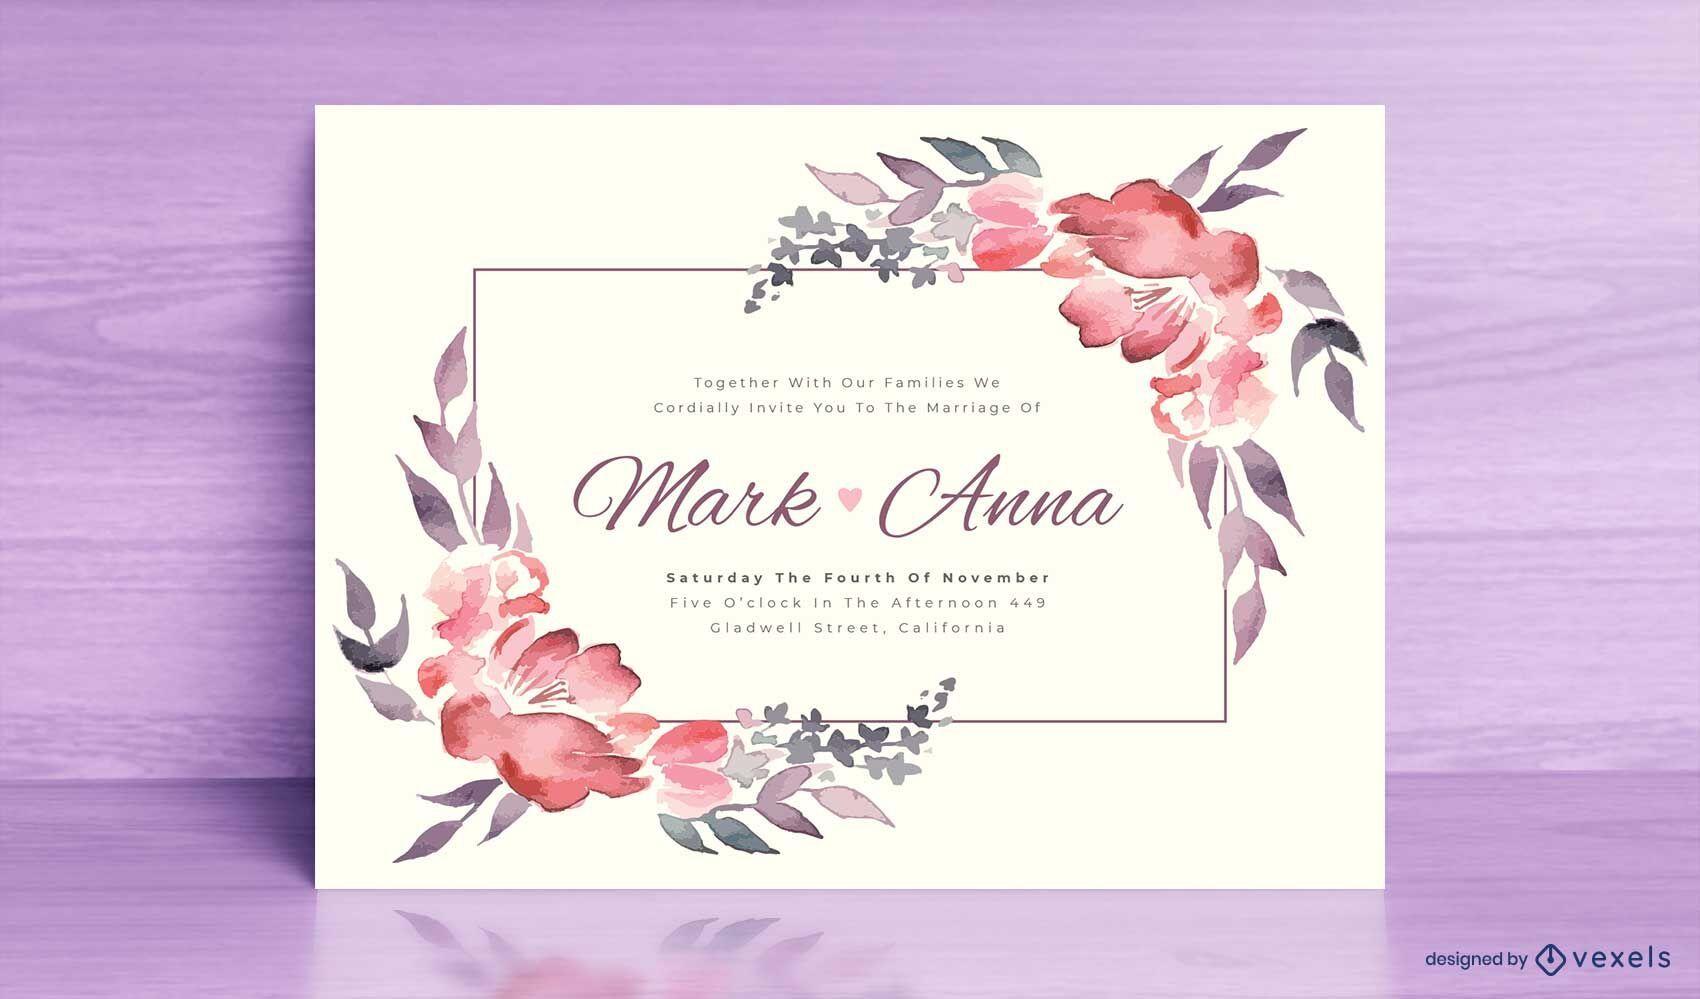 Hochzeitseinladung Aquarell Blumen Vorlage